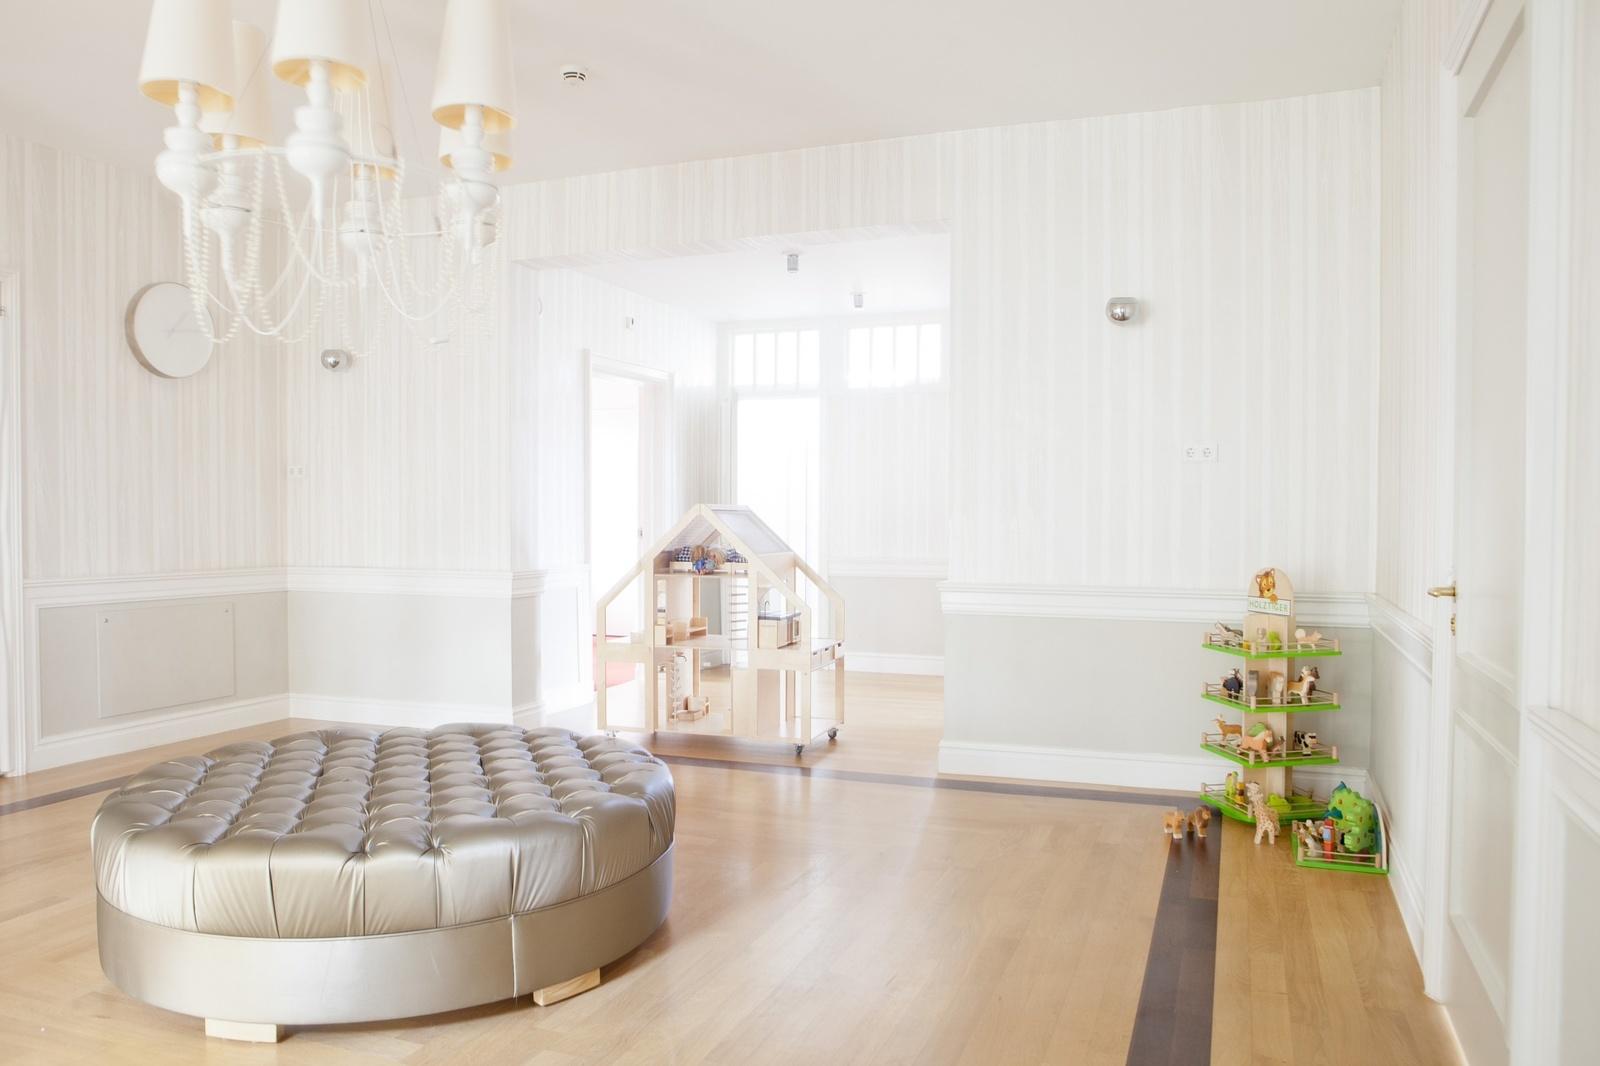 Tvarką namuose sukurti ir palaikyti padės keli patarimai